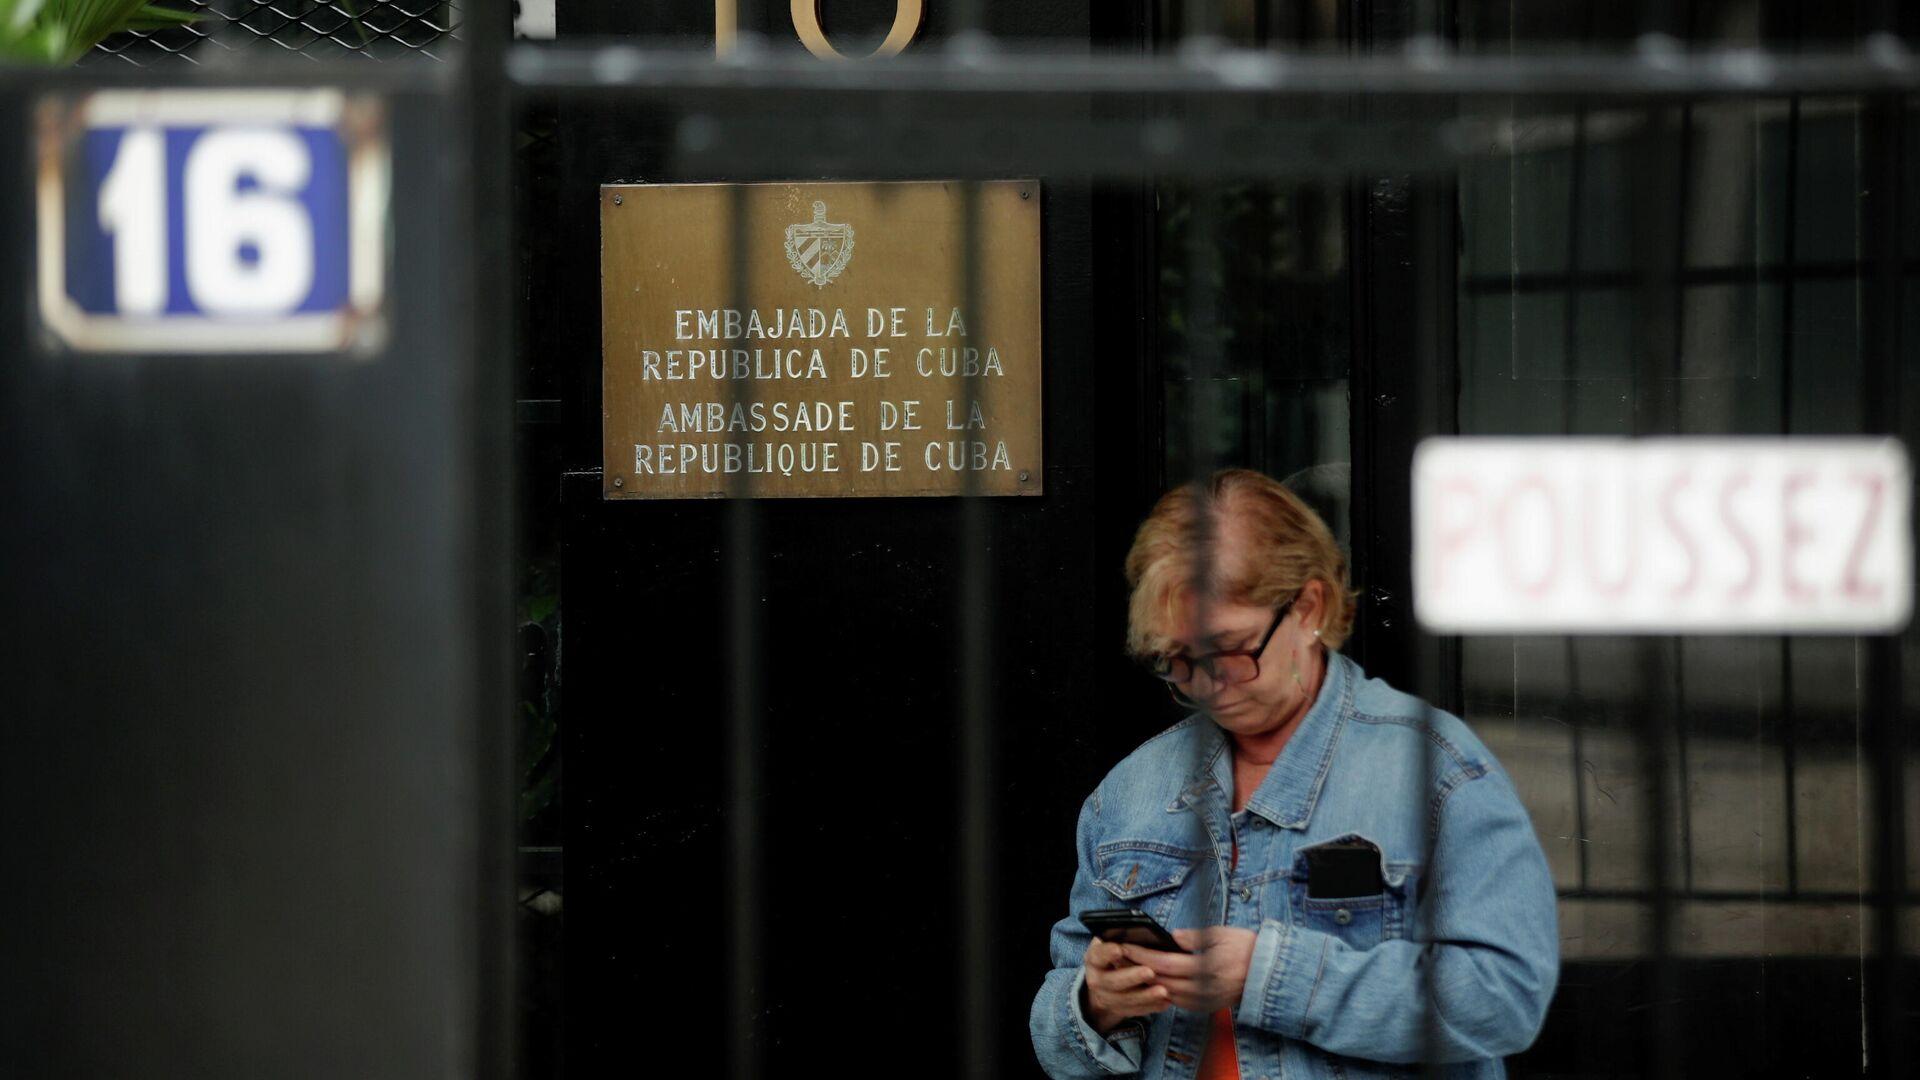 Una mujer usa un teléfono móvil cerca de la Embajada de Cuba tras un ataque con cócteles molotov contra su edificio, París, Francia, el 27 de julio de 2021 - Sputnik Mundo, 1920, 27.07.2021